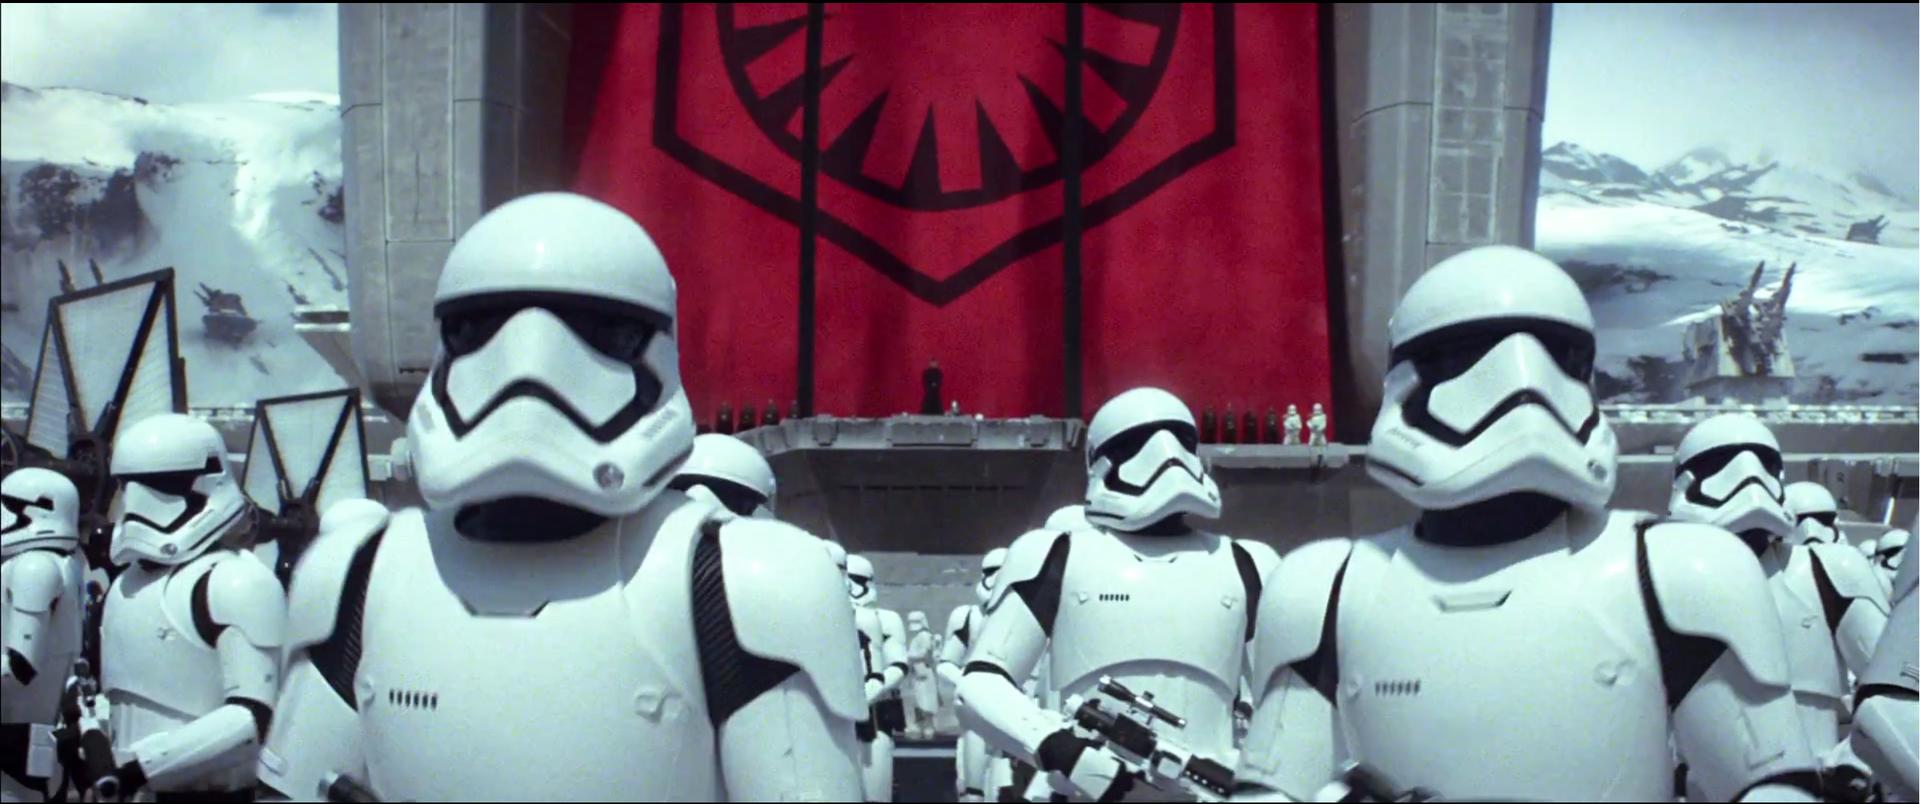 Второй тизер «Звёздных войн: пробуждения Силы» - 1